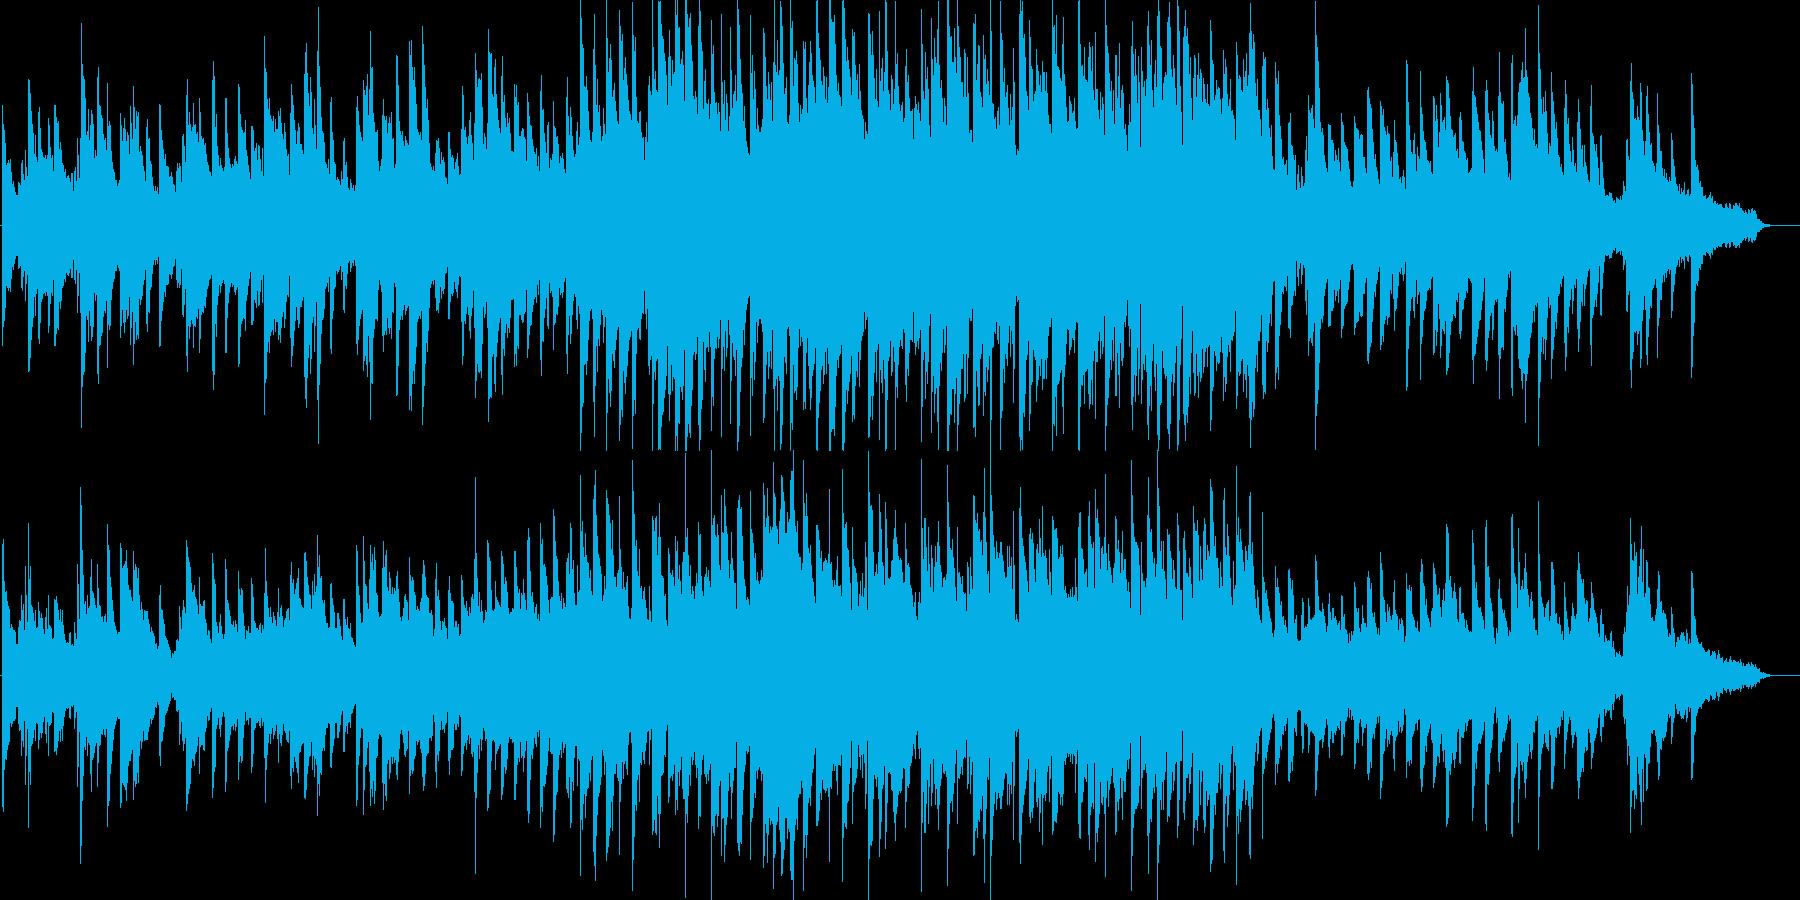 感動的・温かい・ピアノ・イベント・映像用の再生済みの波形